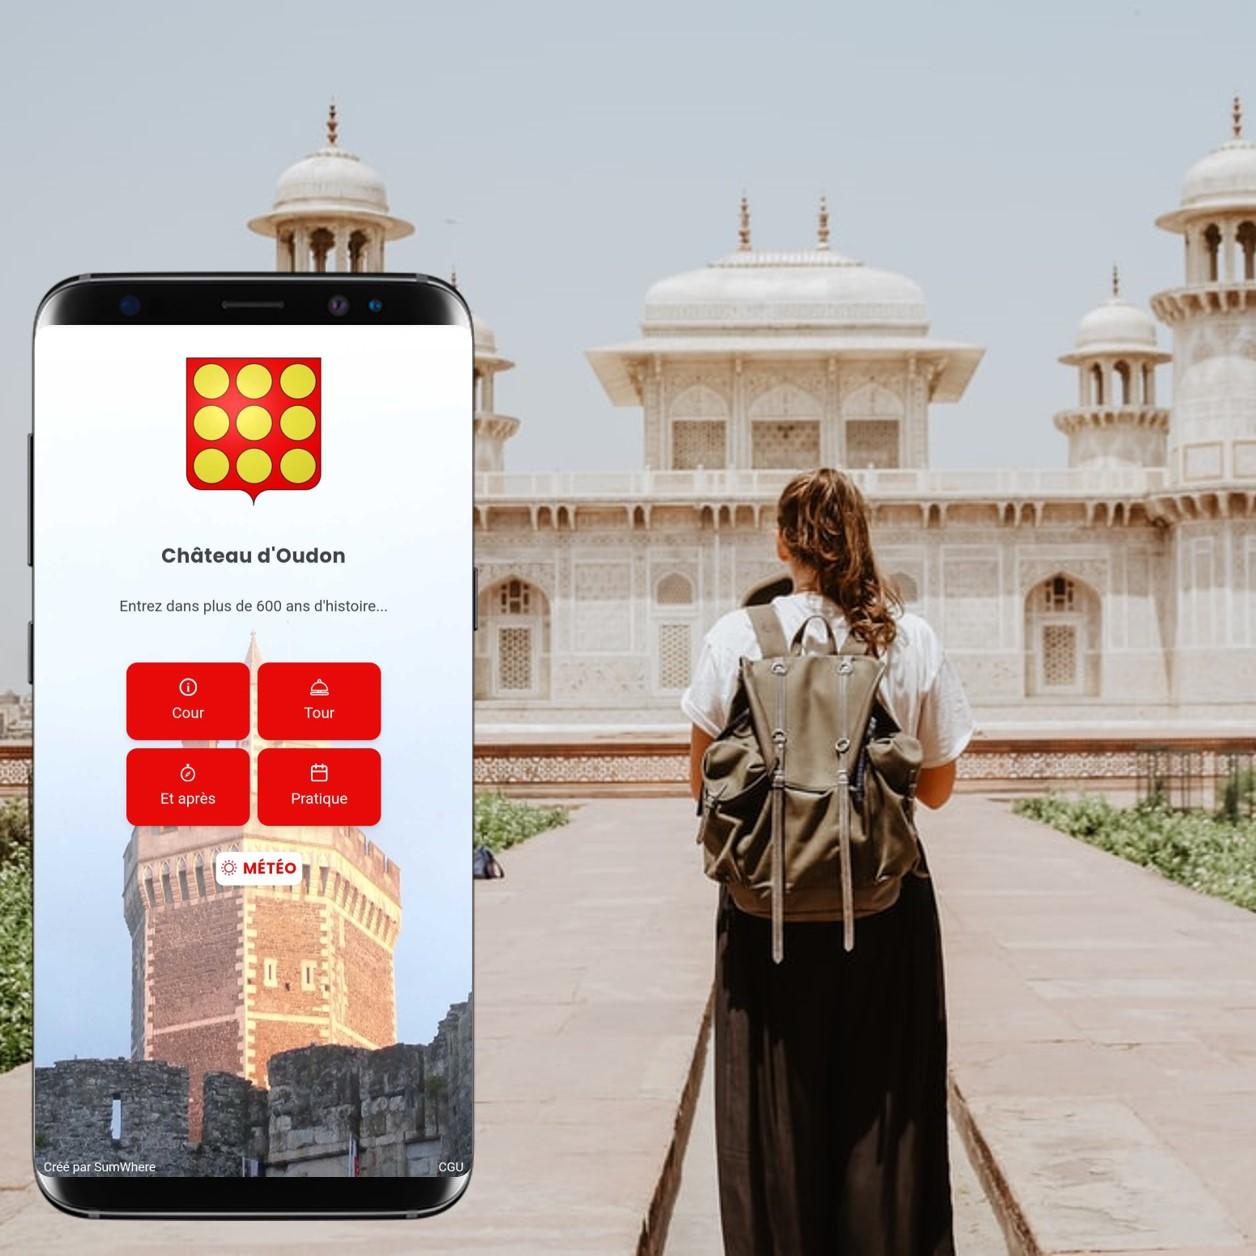 touriste dans un lieu de visite et carnet digital